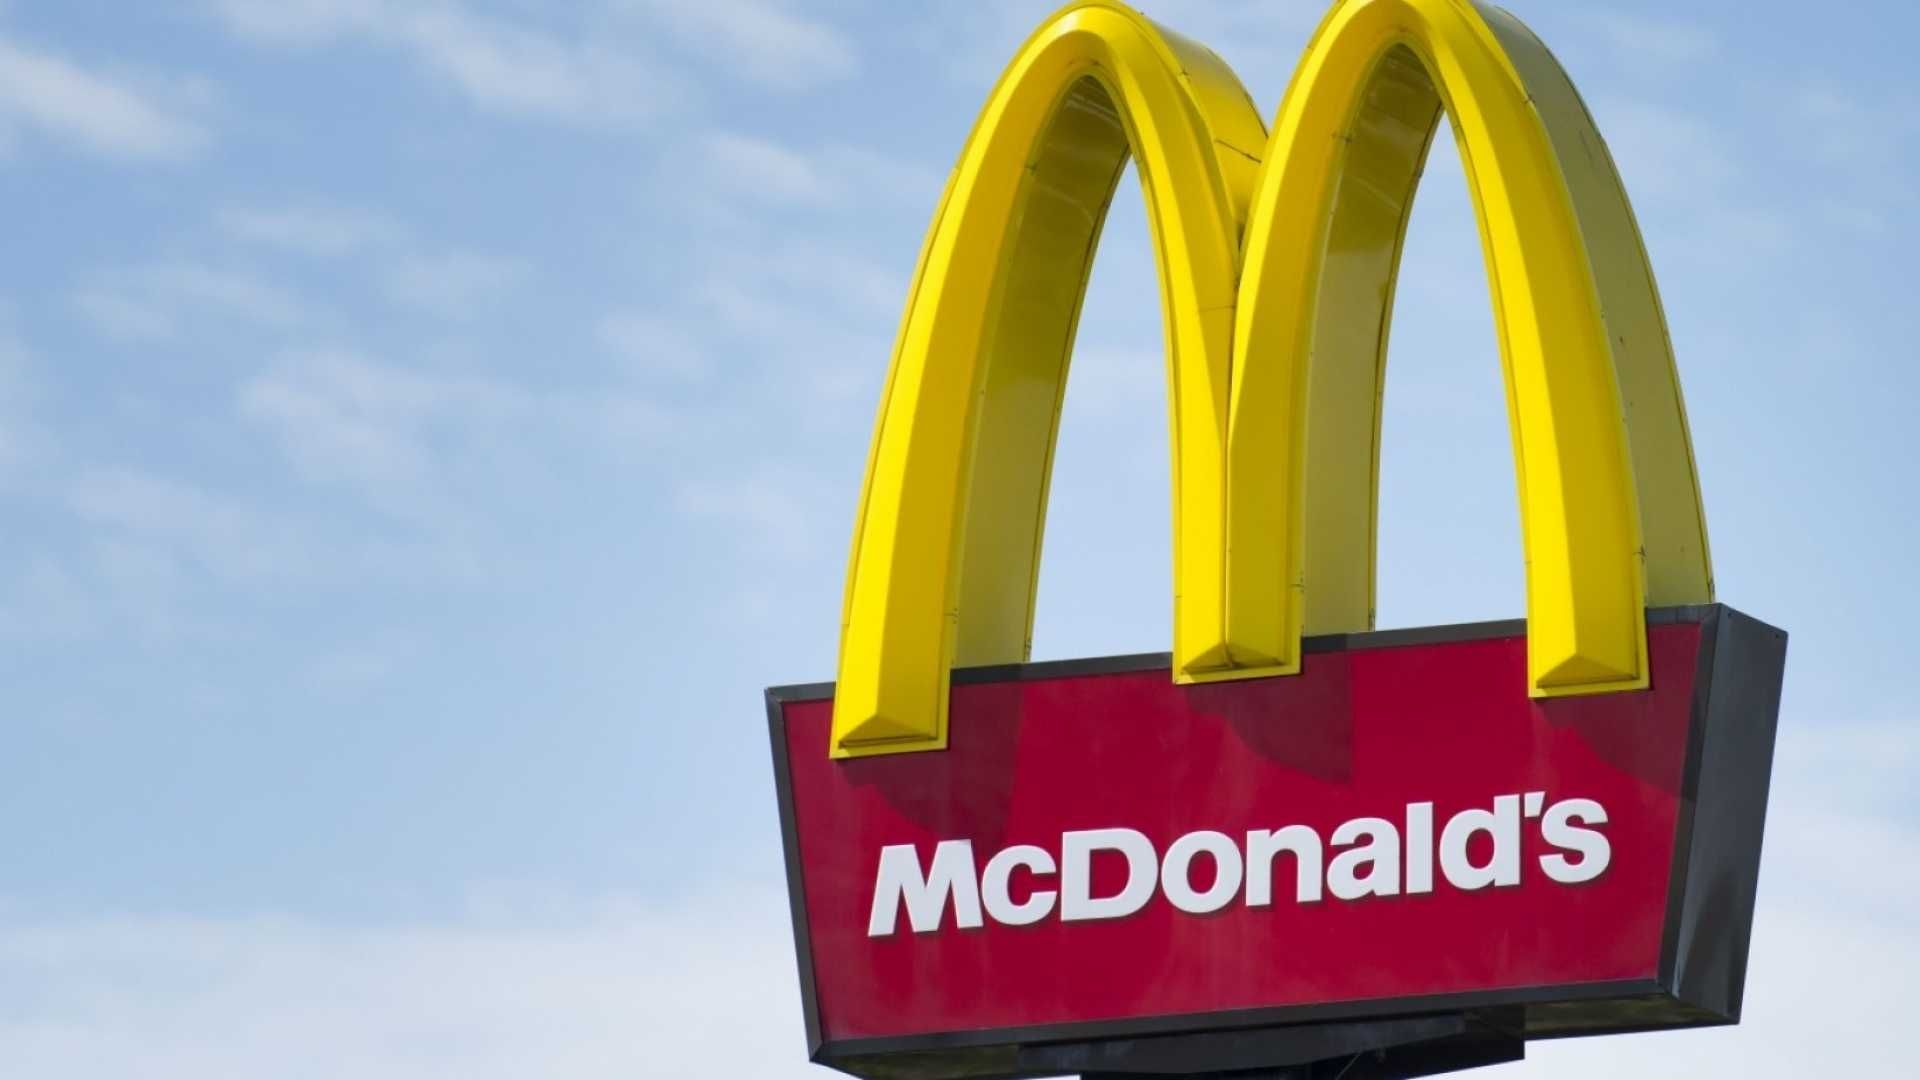 LAVORO - McDonald's offre 72 posti per i suoi ristoranti di Torino e provincia - INFO